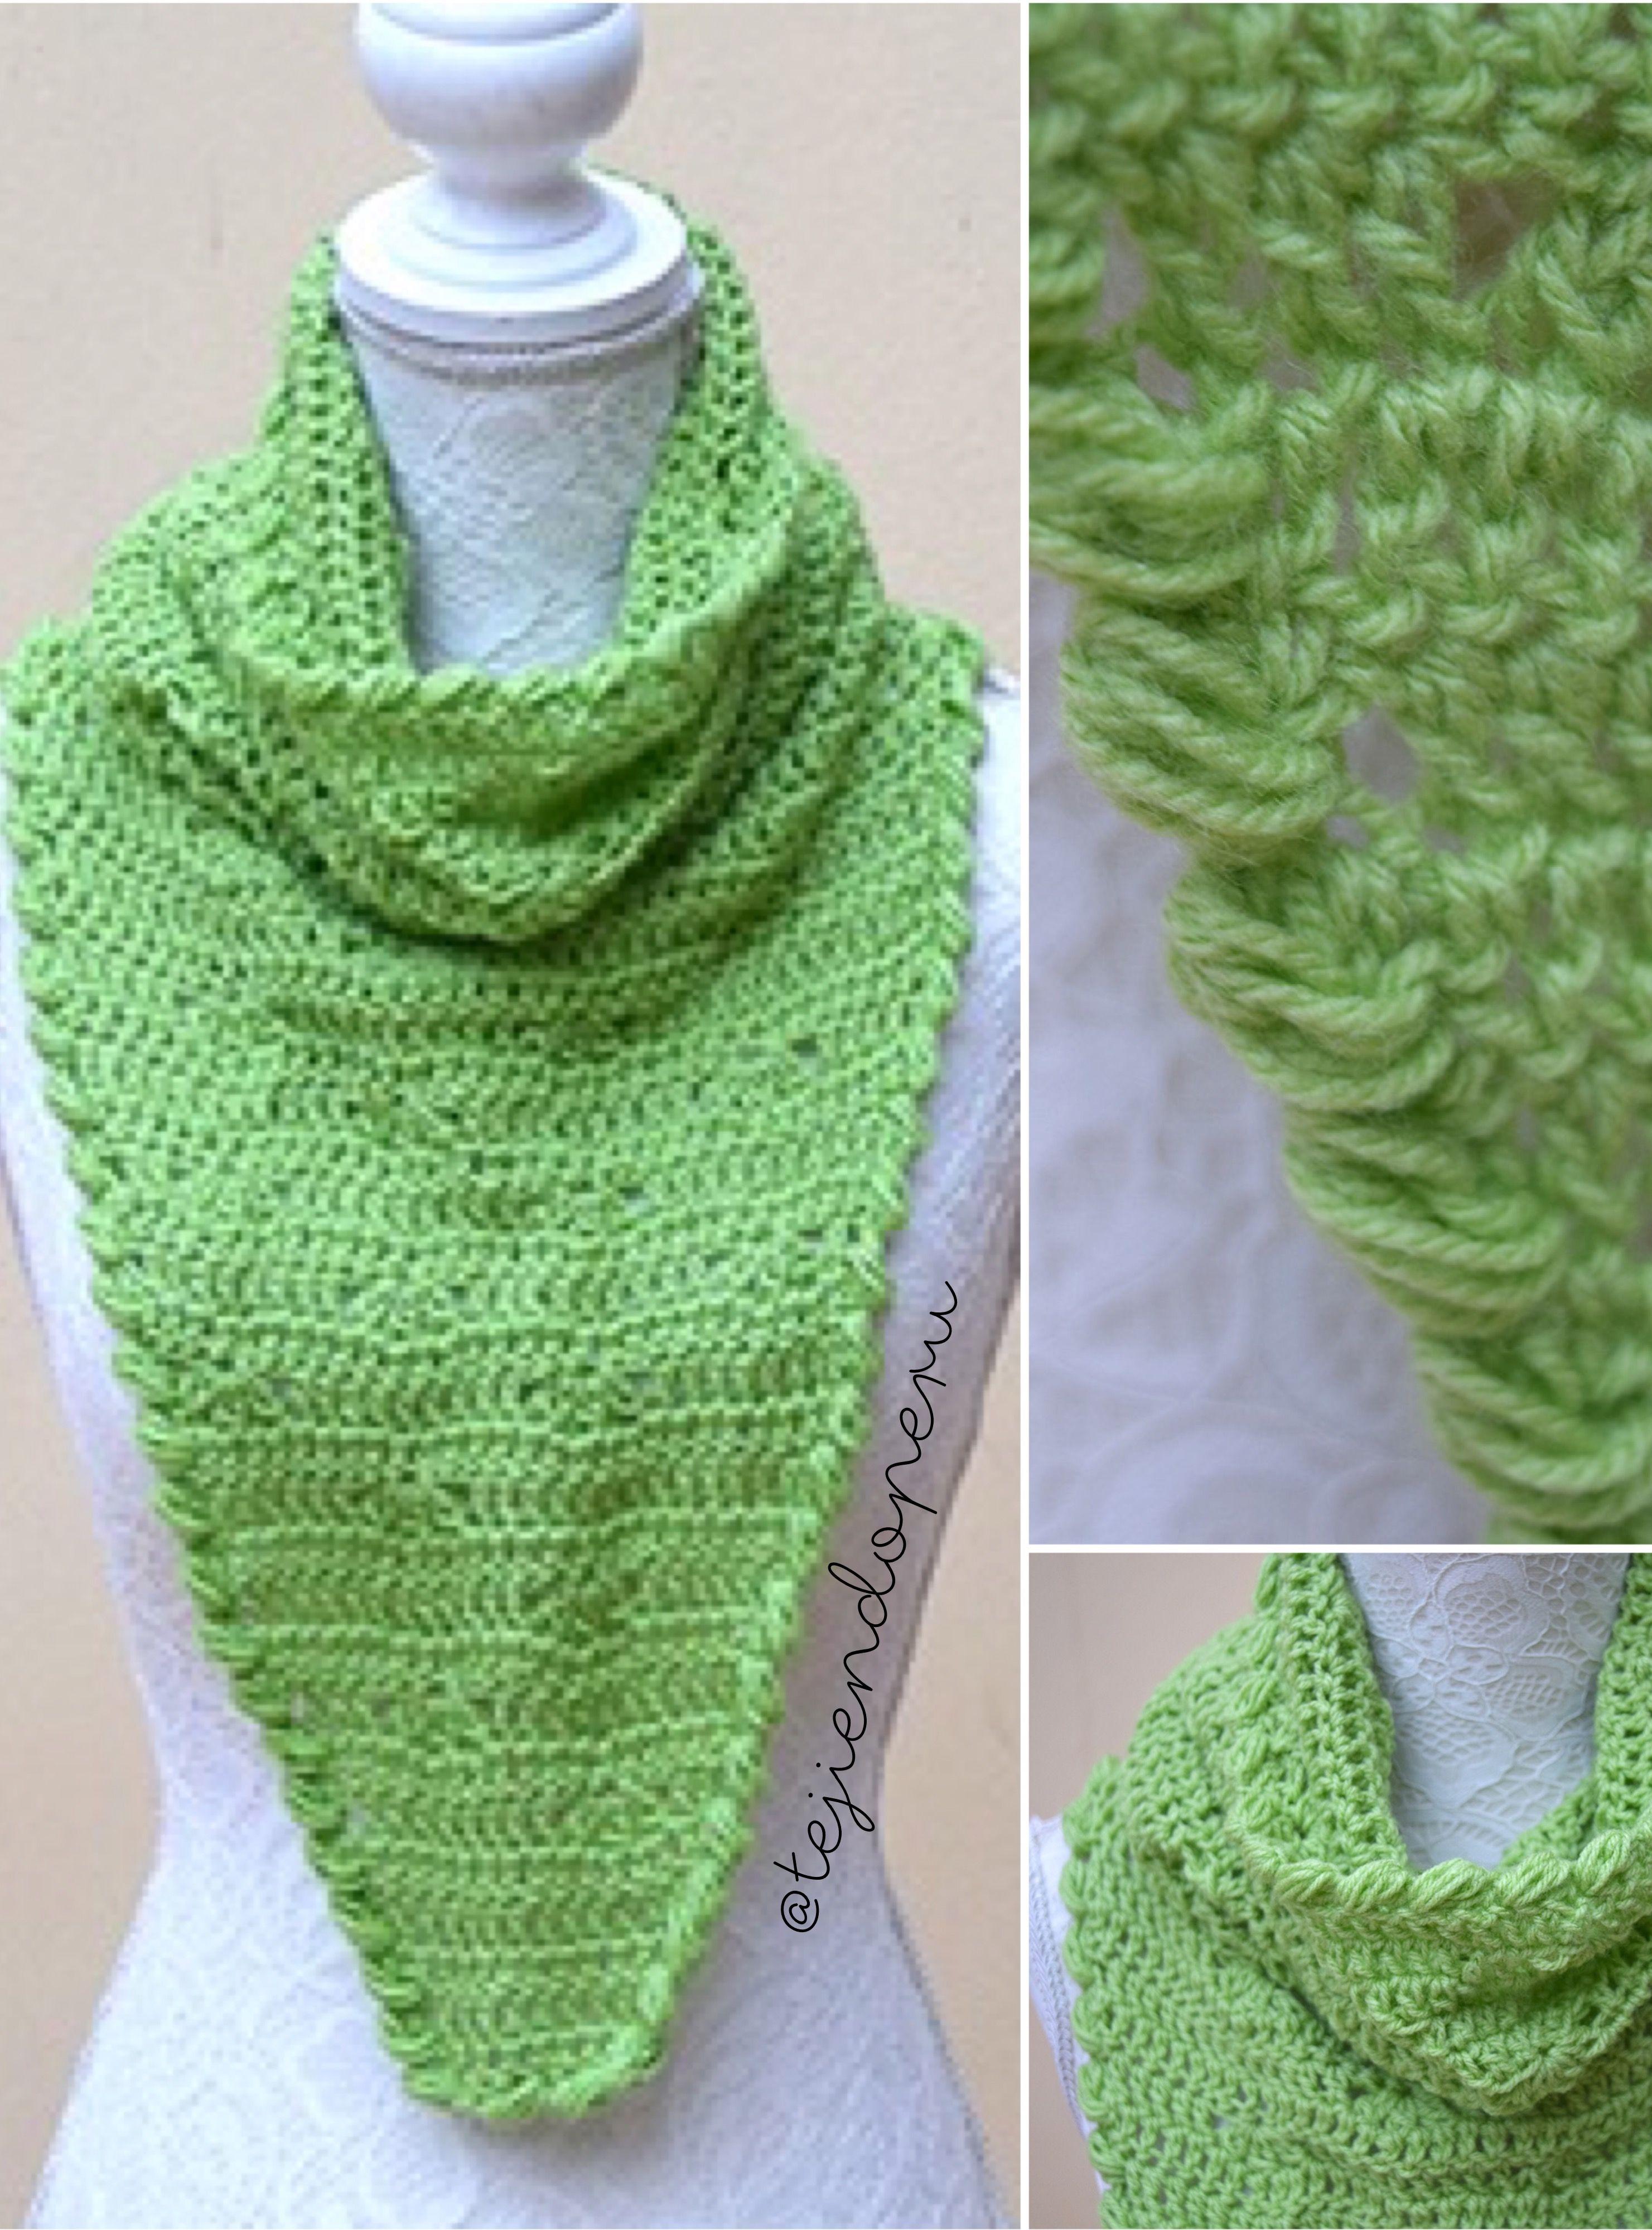 Vistoso Los Patrones De Crochet Libre Para Pañuelos Y Capuchas Foto ...